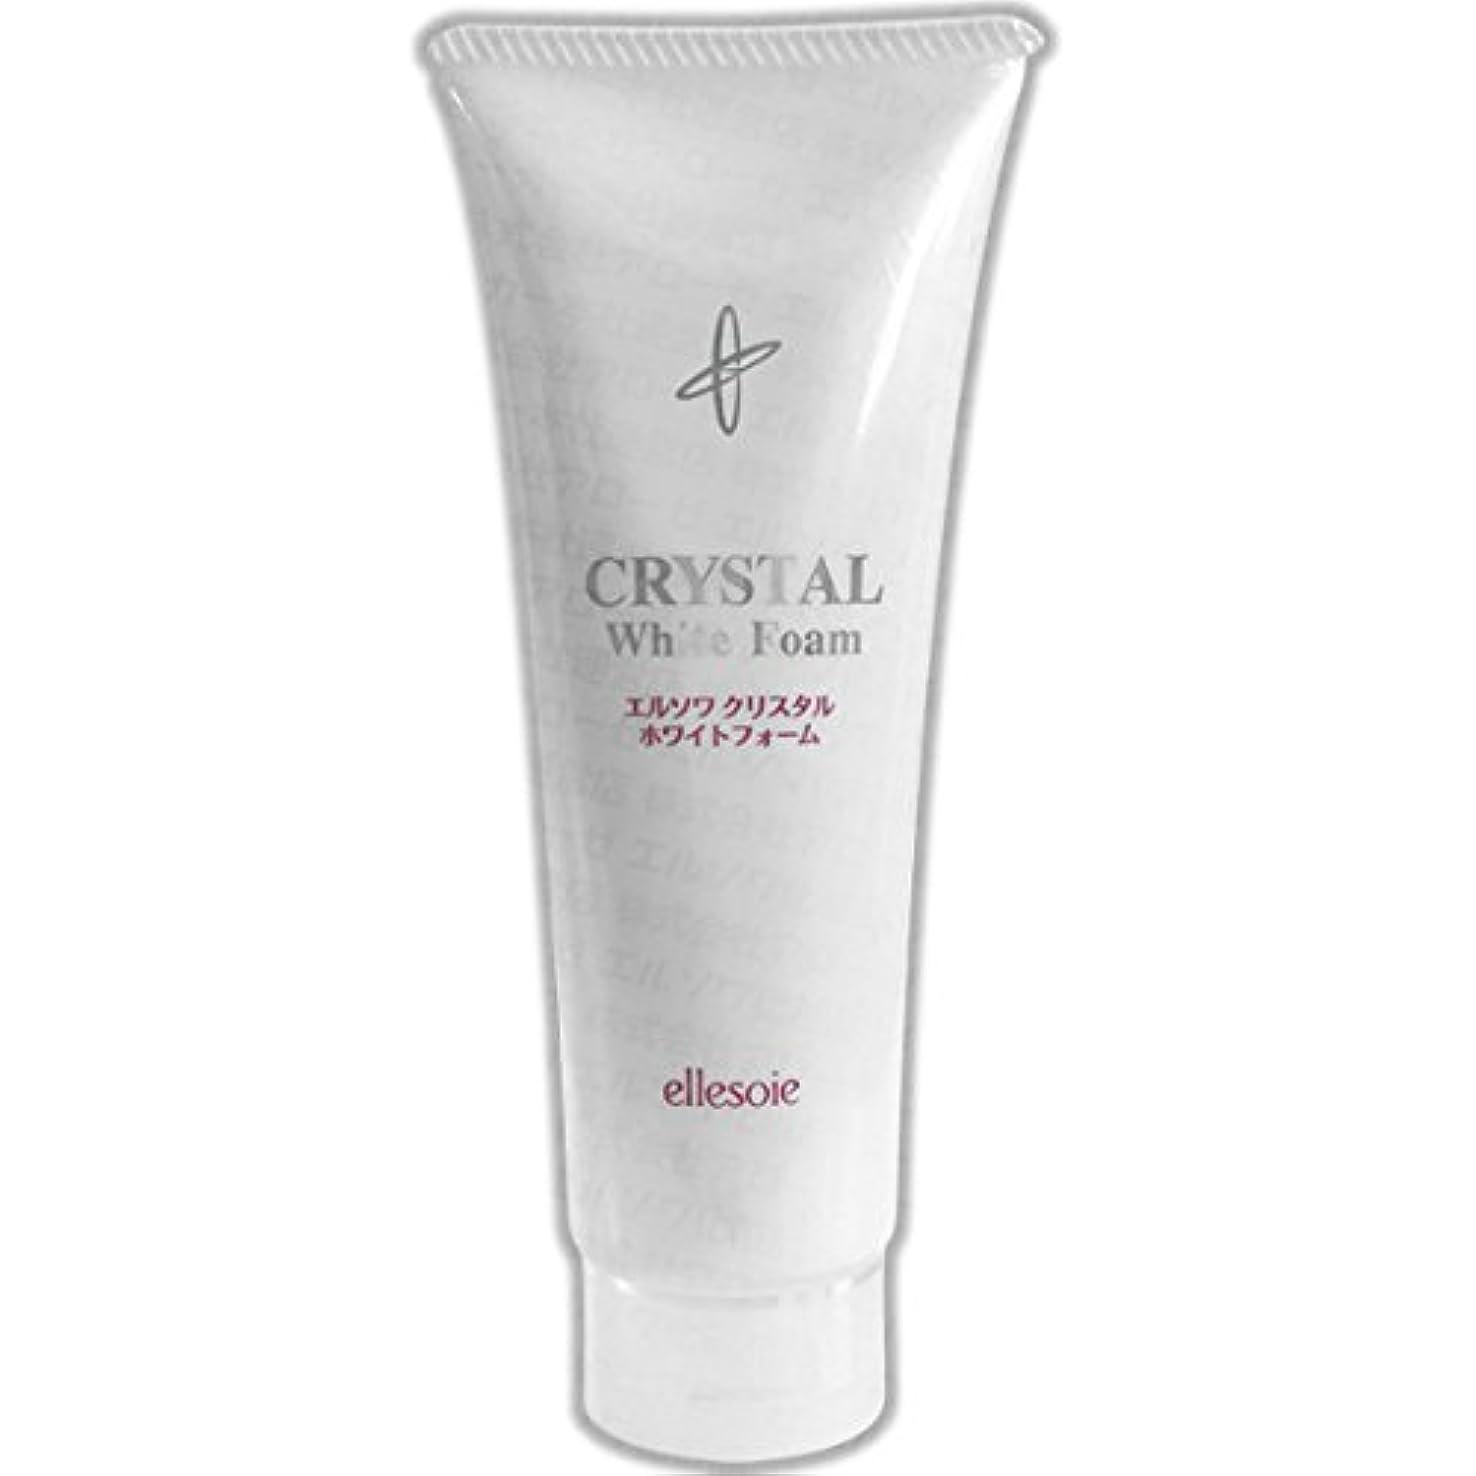 ミケランジェロめる一節エルソワ化粧品(ellesoie) クリスタル ホワイトフォーム 洗顔